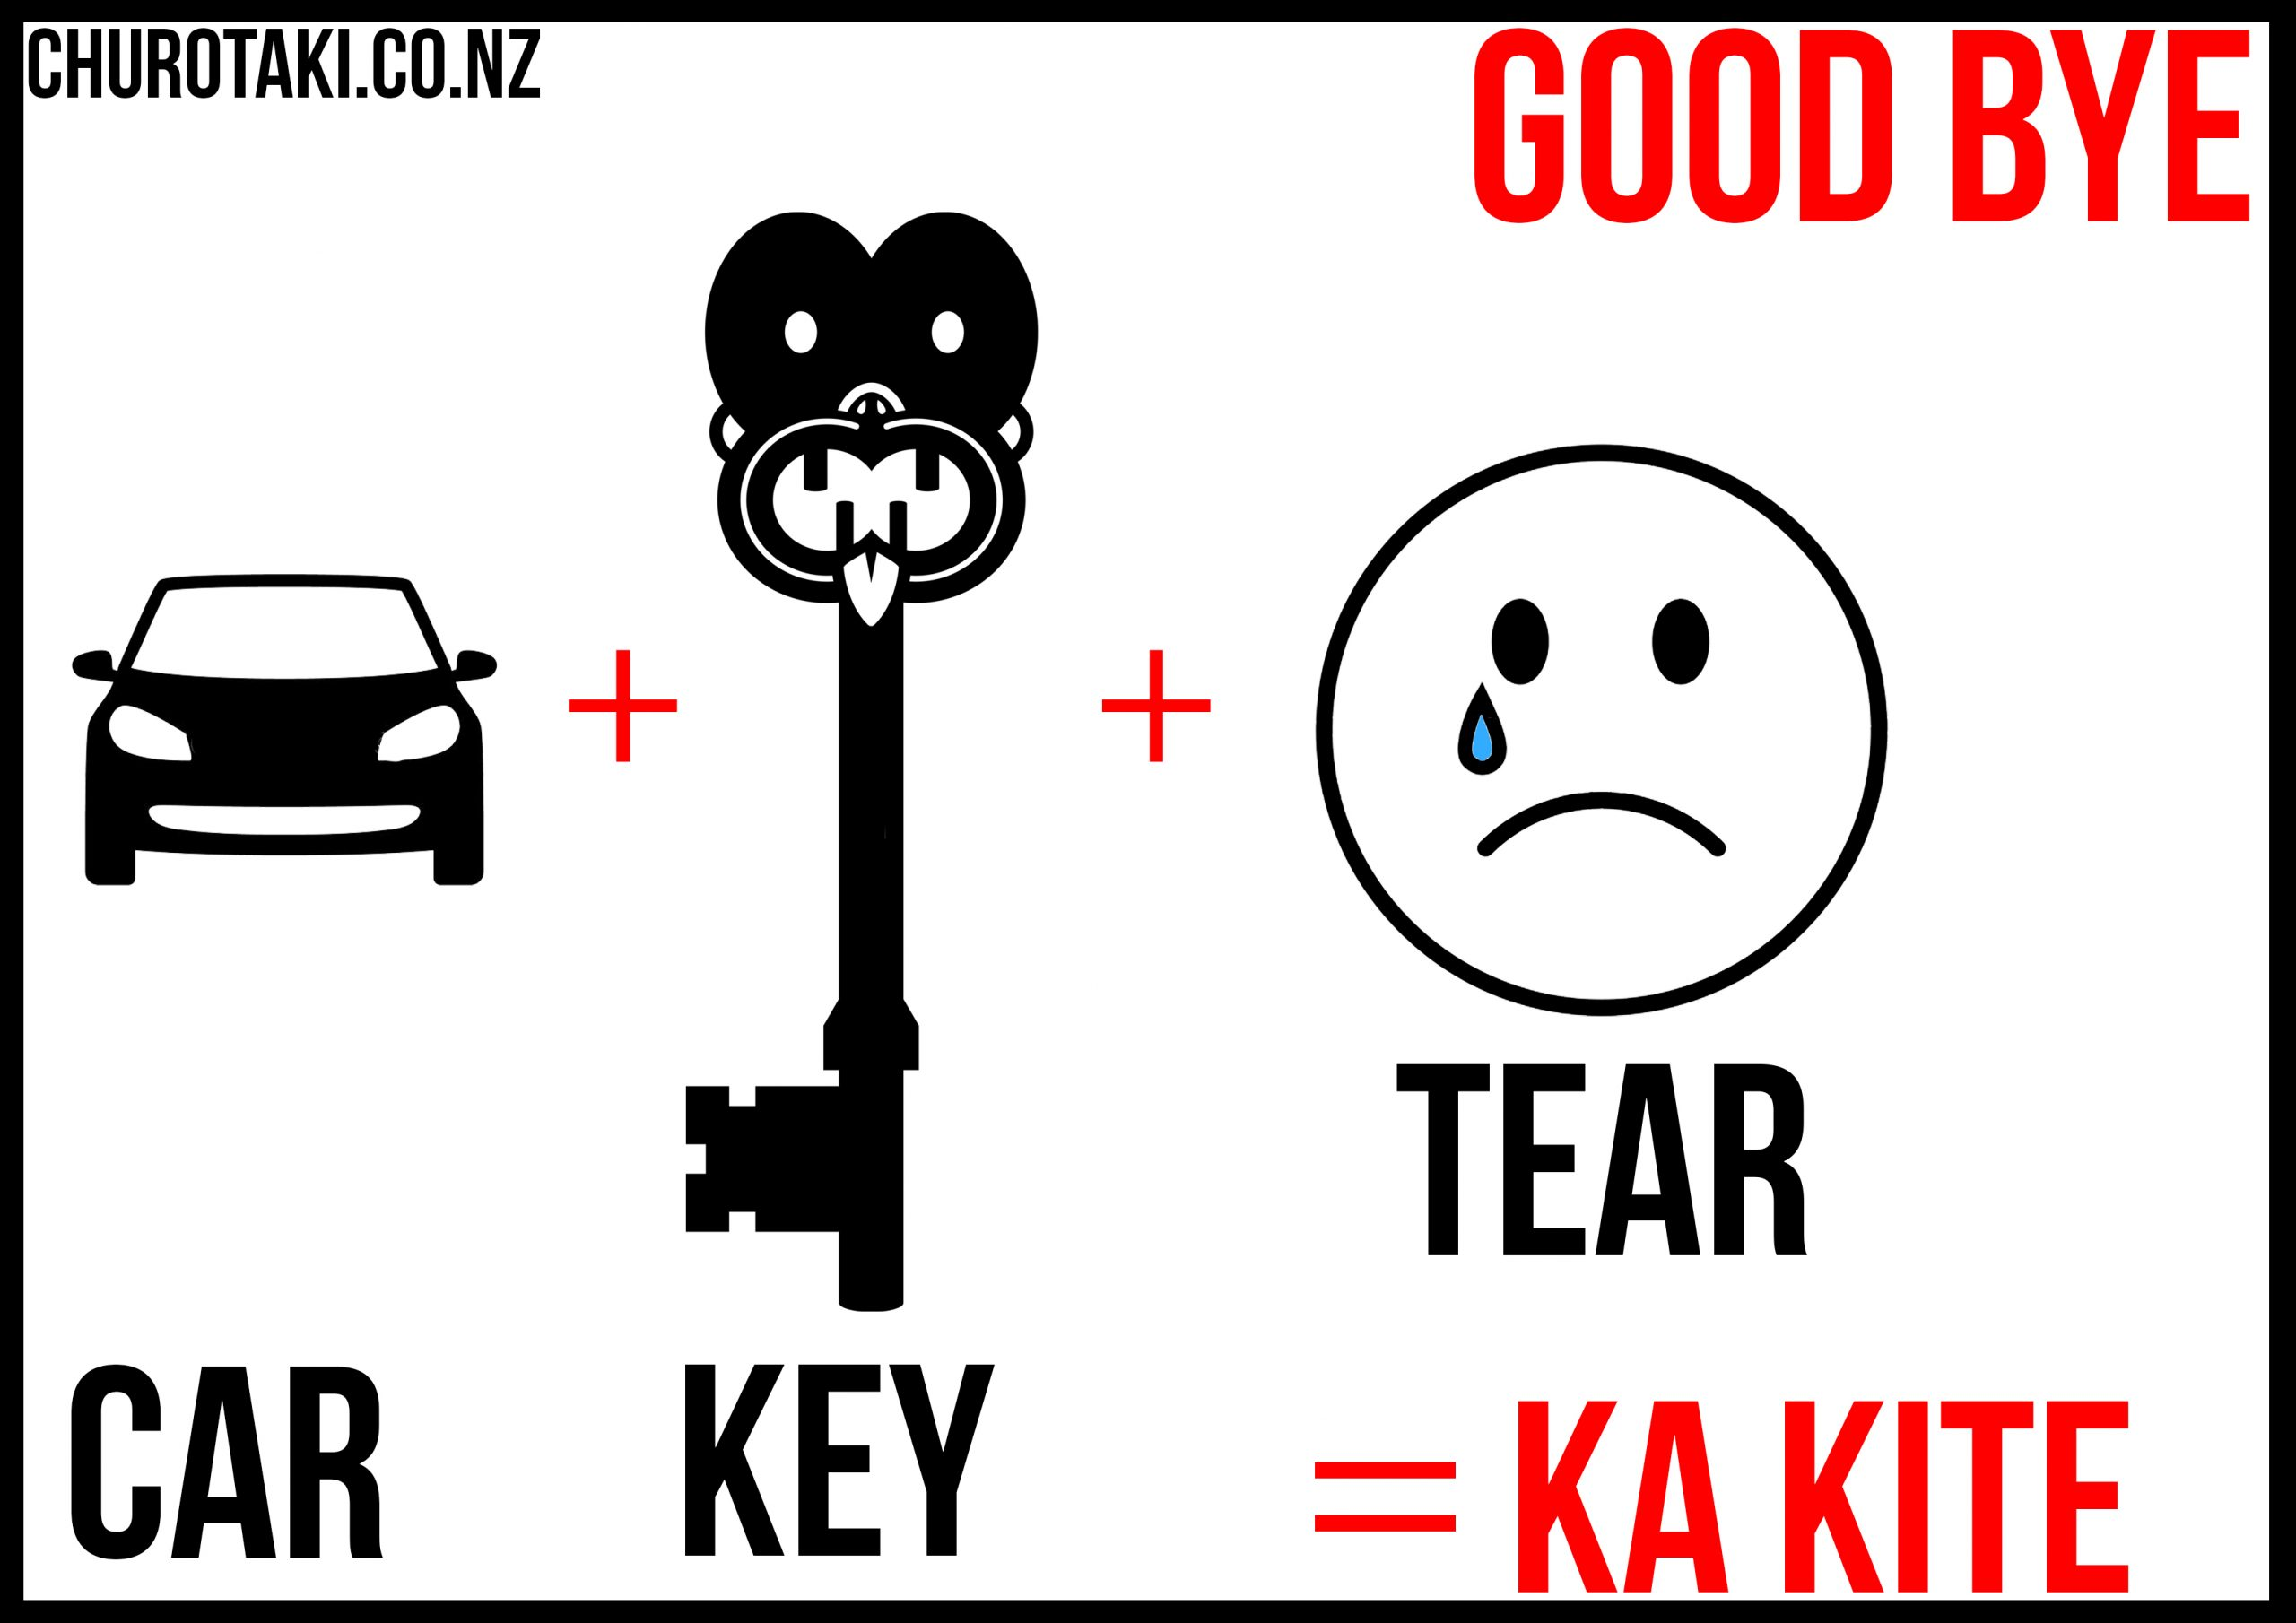 Chur Otaki - Ka kite/Goodbye